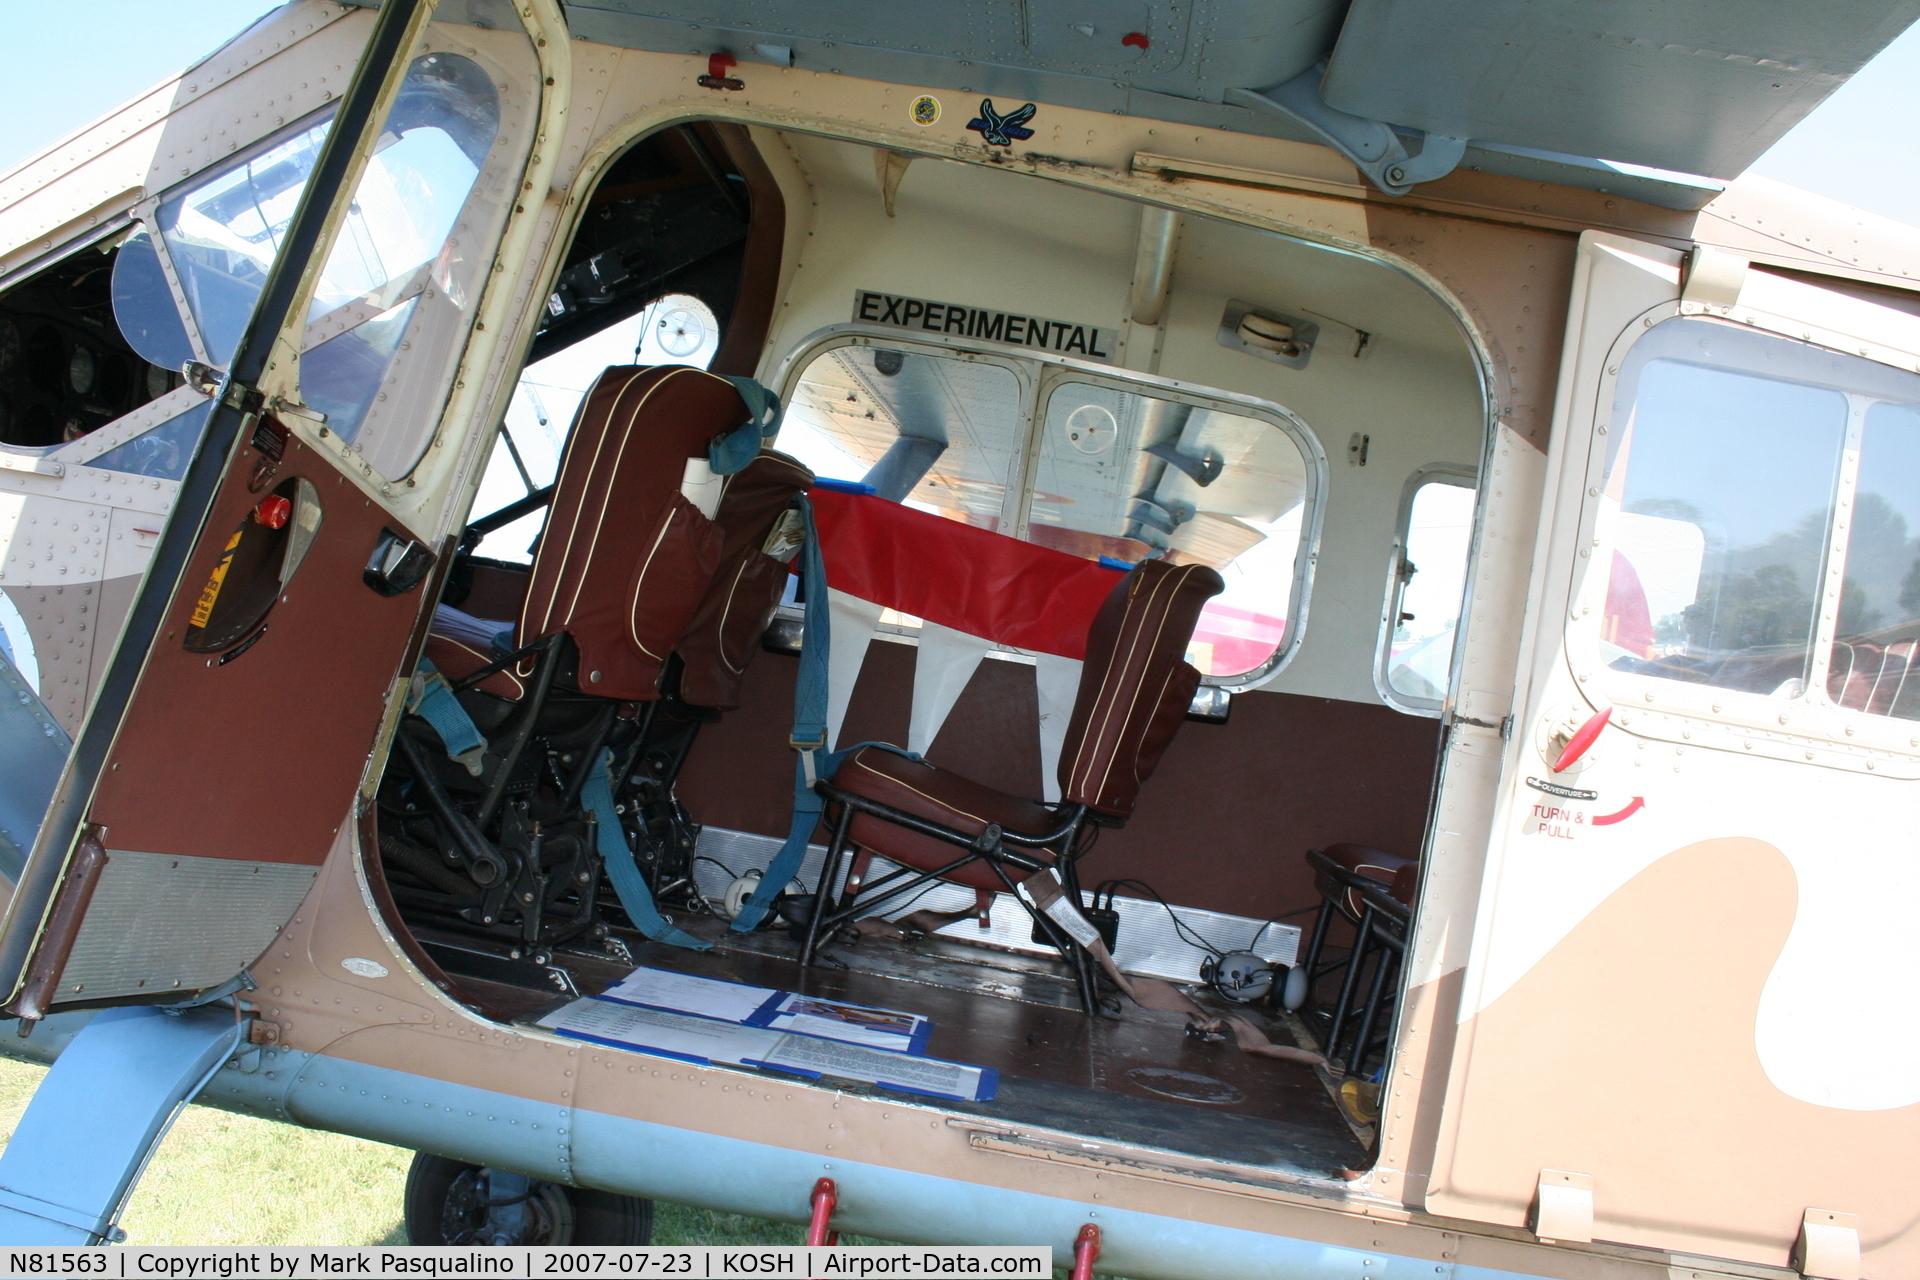 N81563, 1959 Max Holste MH-1521M Broussard C/N 192, MH 1521 Broussard